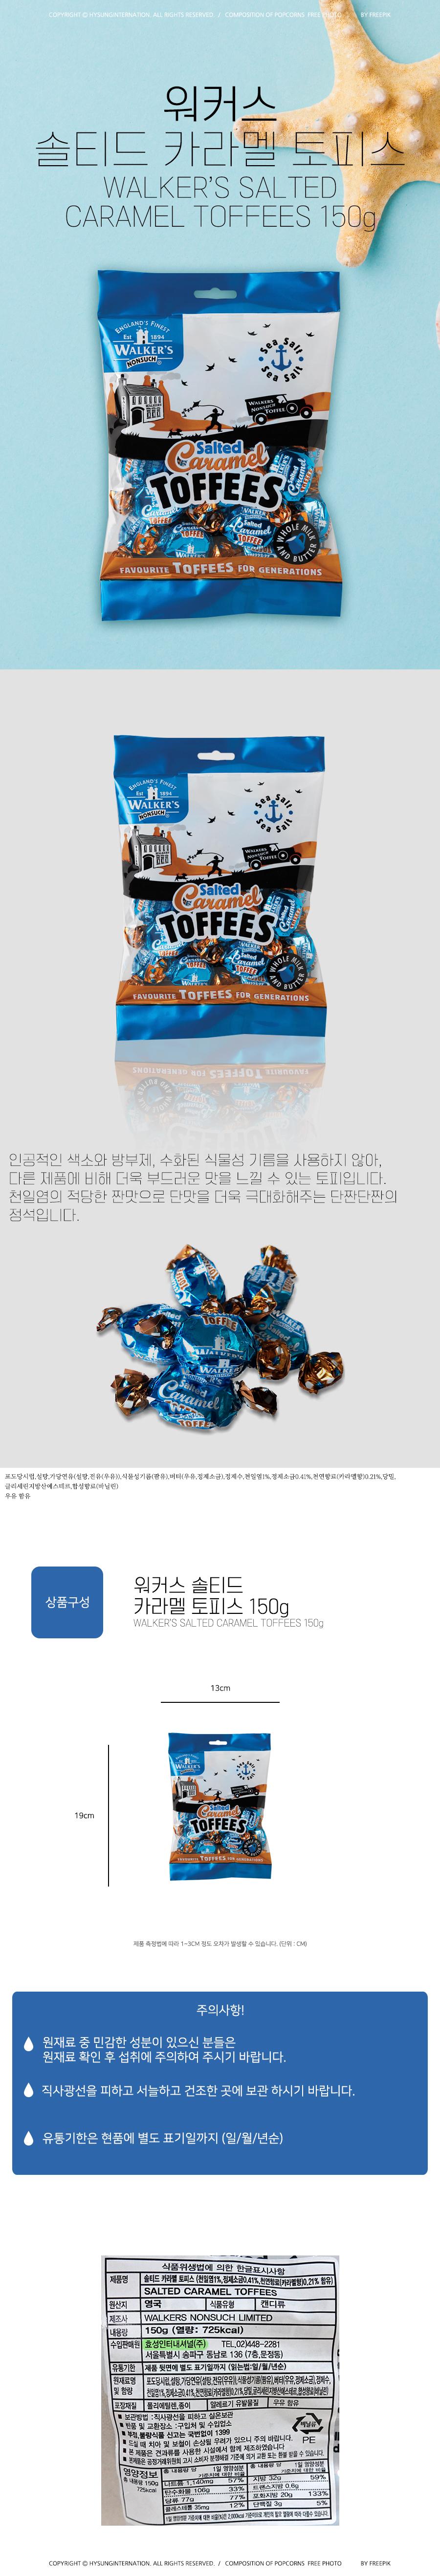 843dfa0436a1c4becef28d5a9254fc30_1535334169_3284.jpg